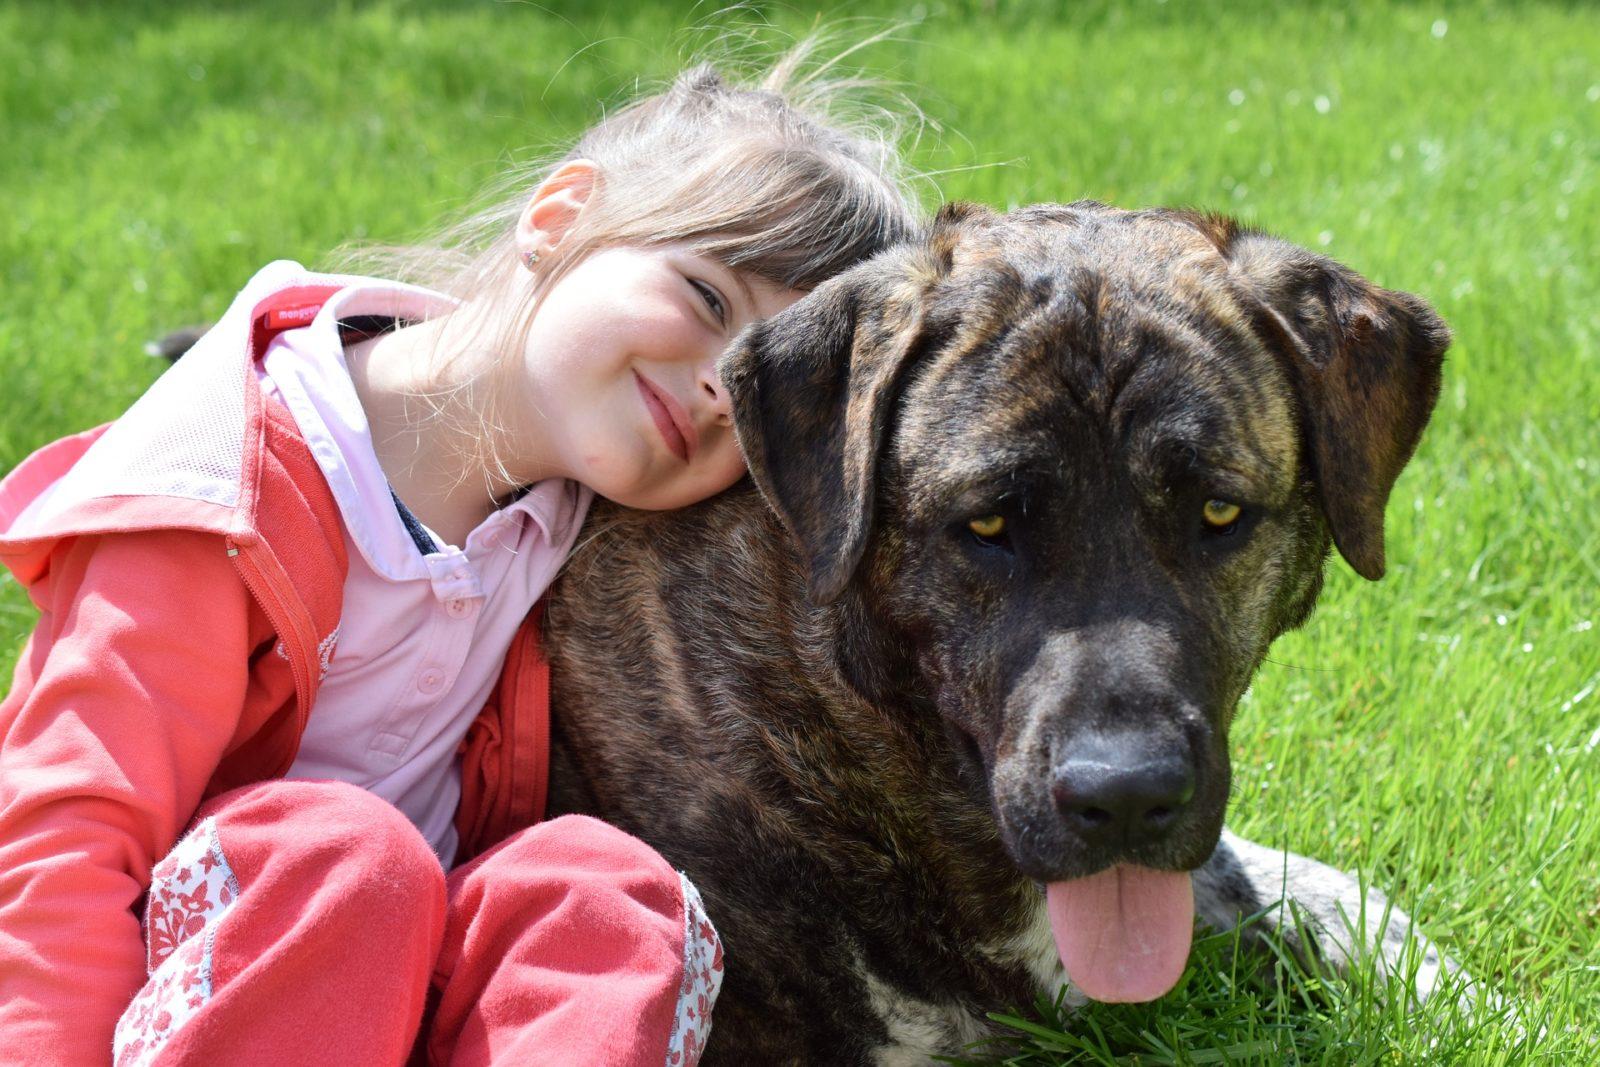 jak nauczyć dziecko właściwego postępowania ze zwierzęciem